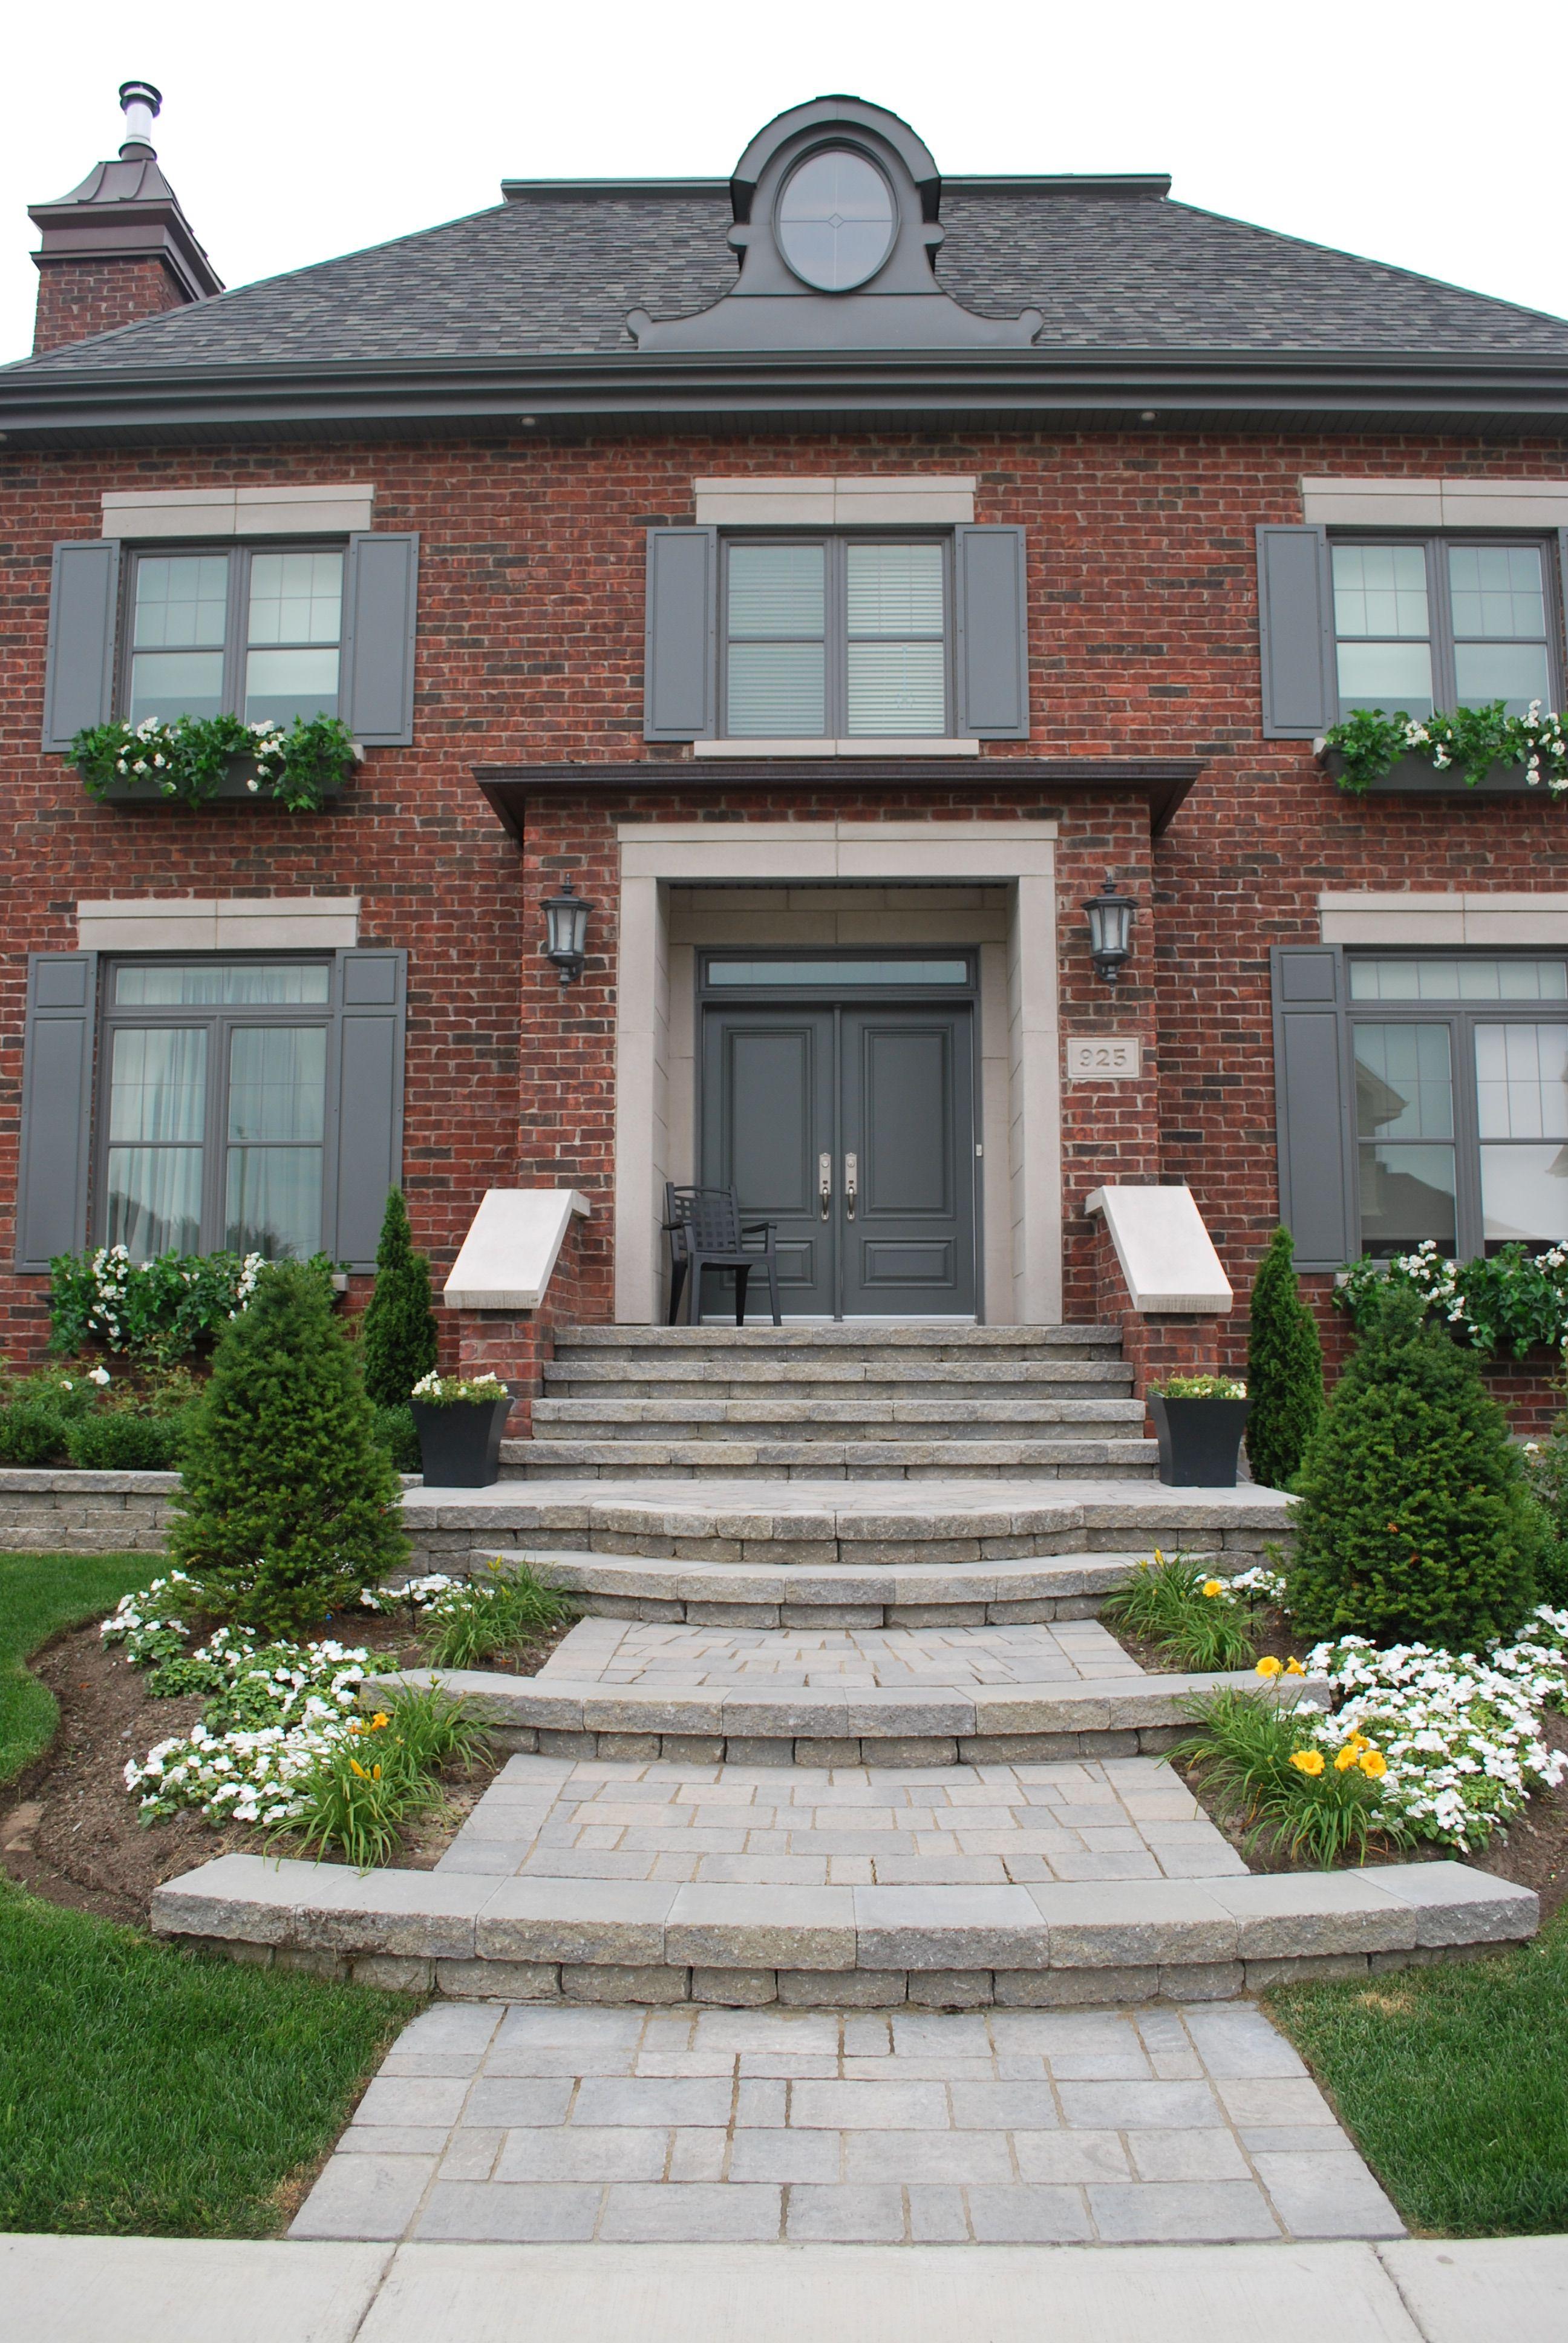 am nagement paysager de la fa ade de la maison avec escalier pav moderne permacon et. Black Bedroom Furniture Sets. Home Design Ideas